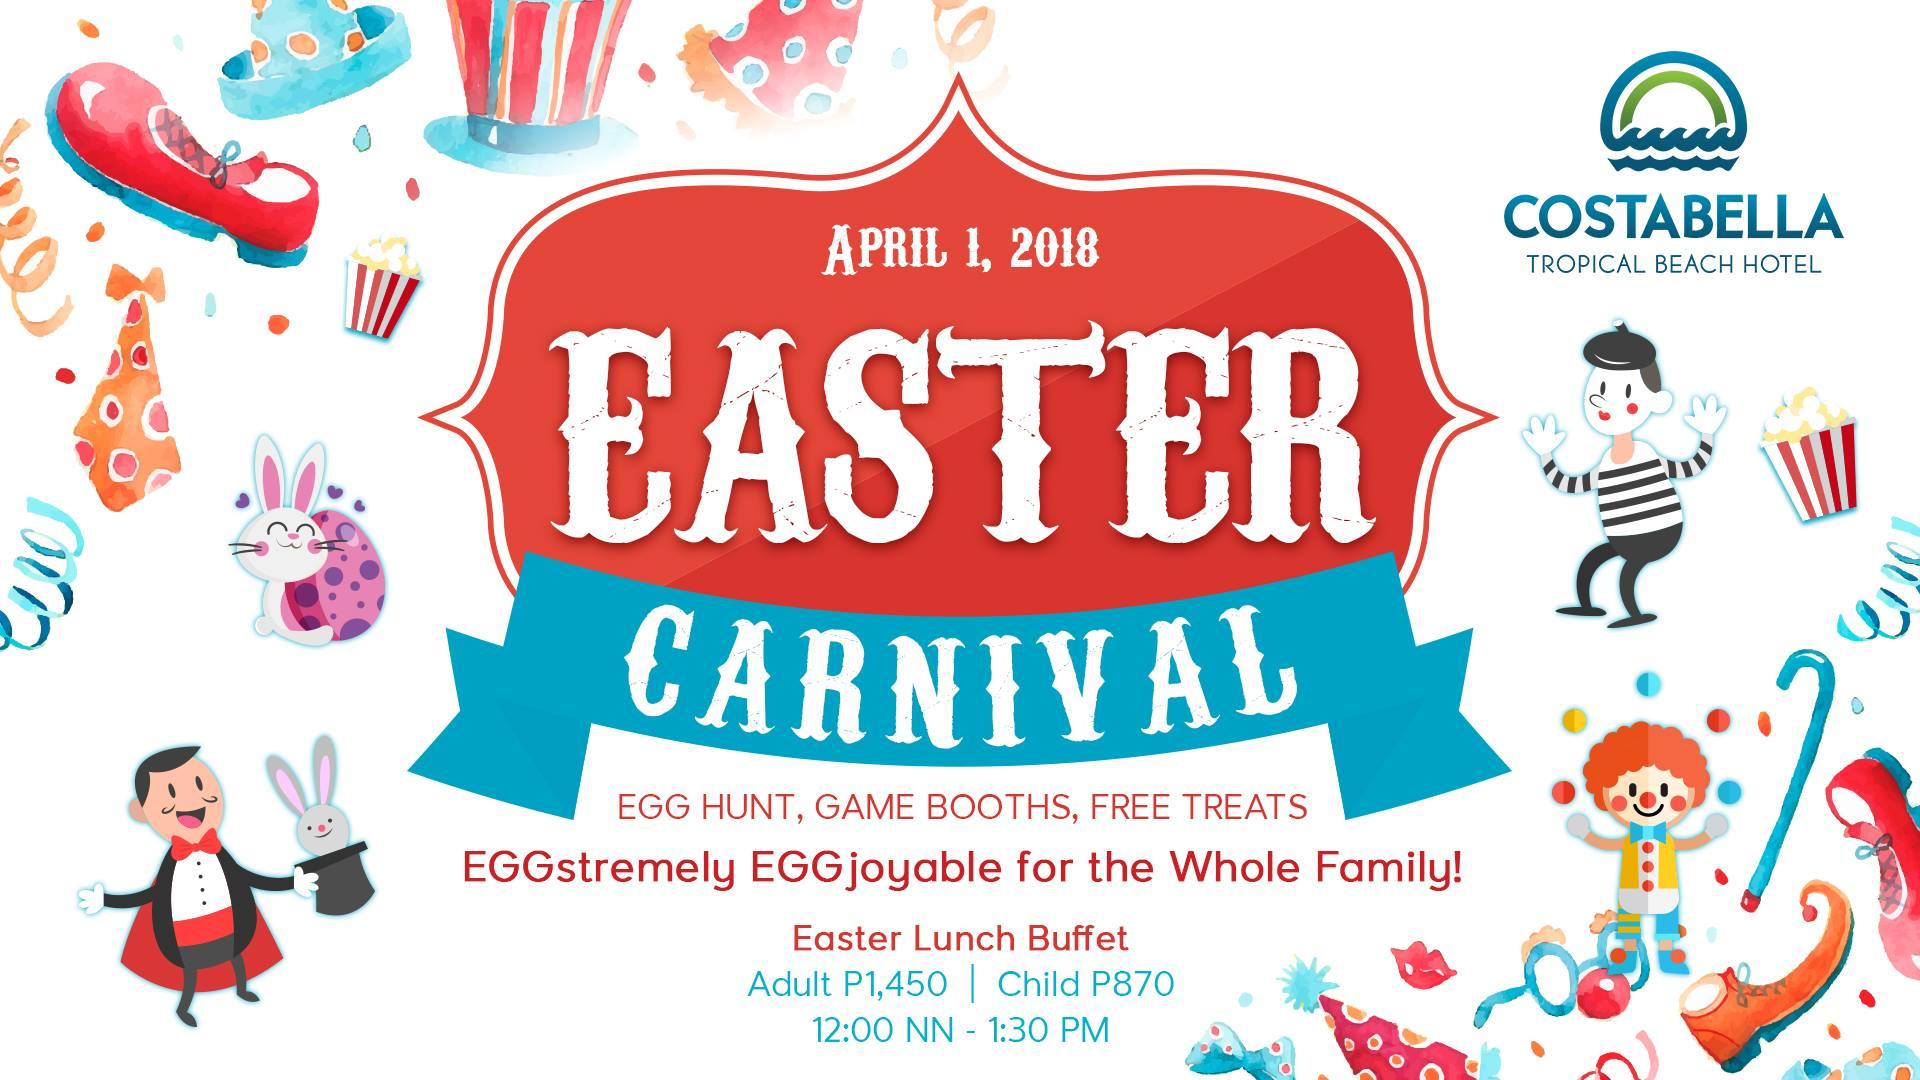 Costabella Resort Easter Egg hunt